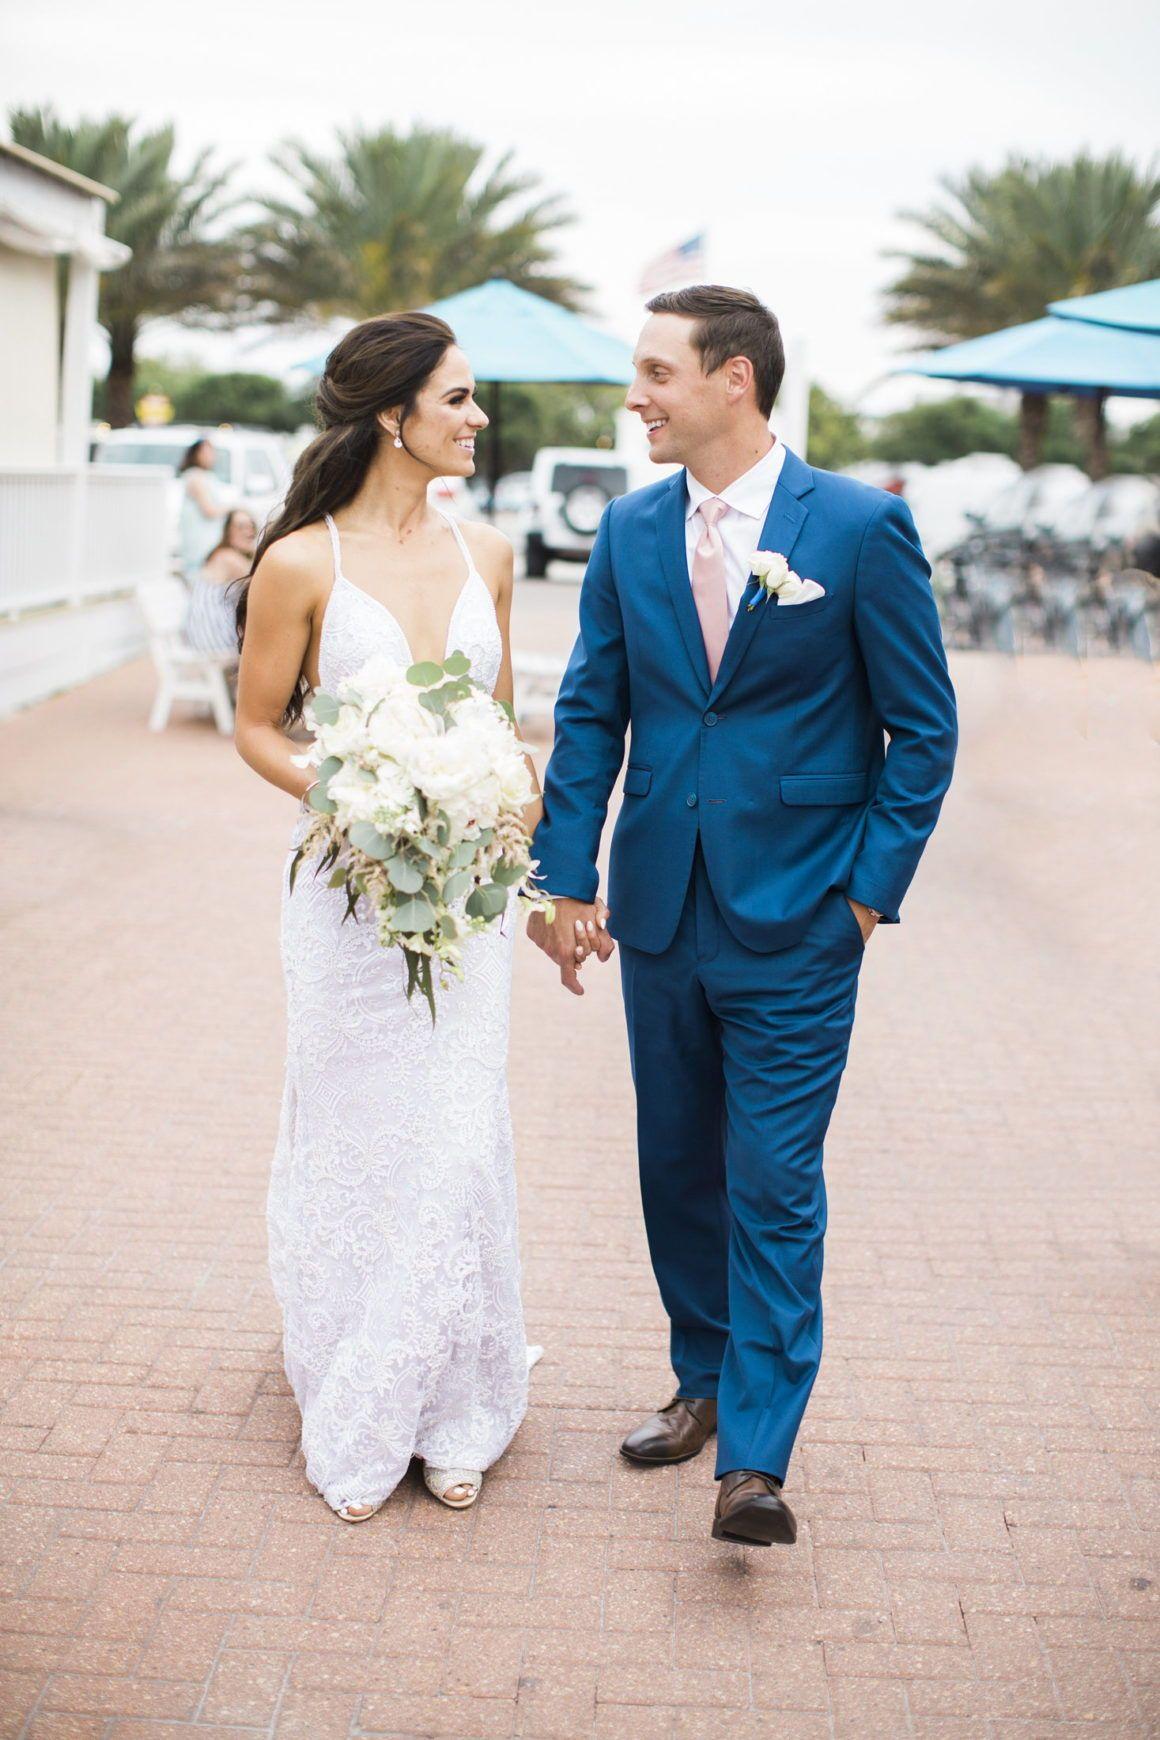 Eden Gardens State Park Wedding Gina and Alex Park